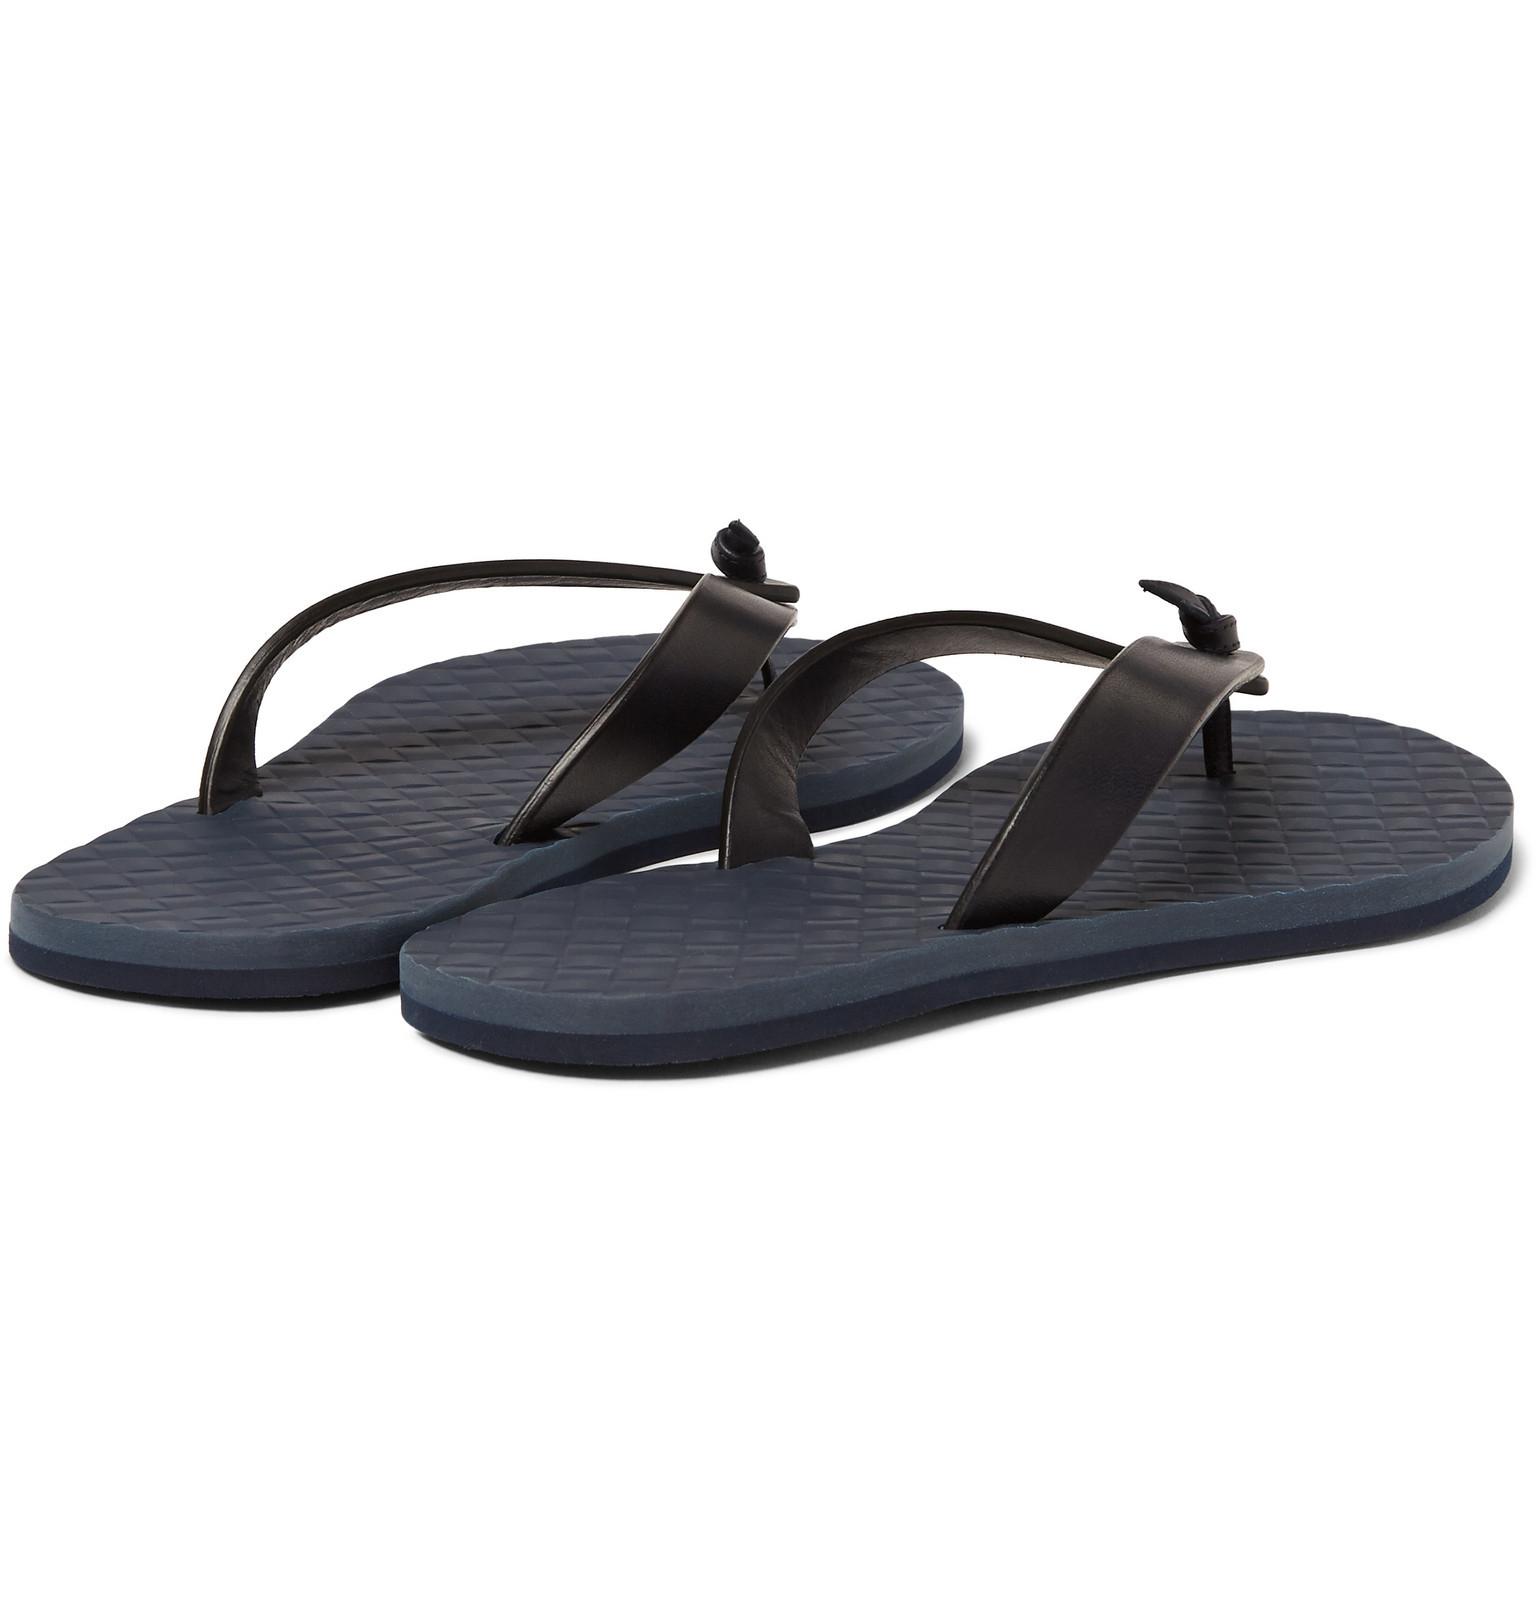 3e248973768f3 Bottega Veneta Leather Flip Flops in Blue for Men - Lyst